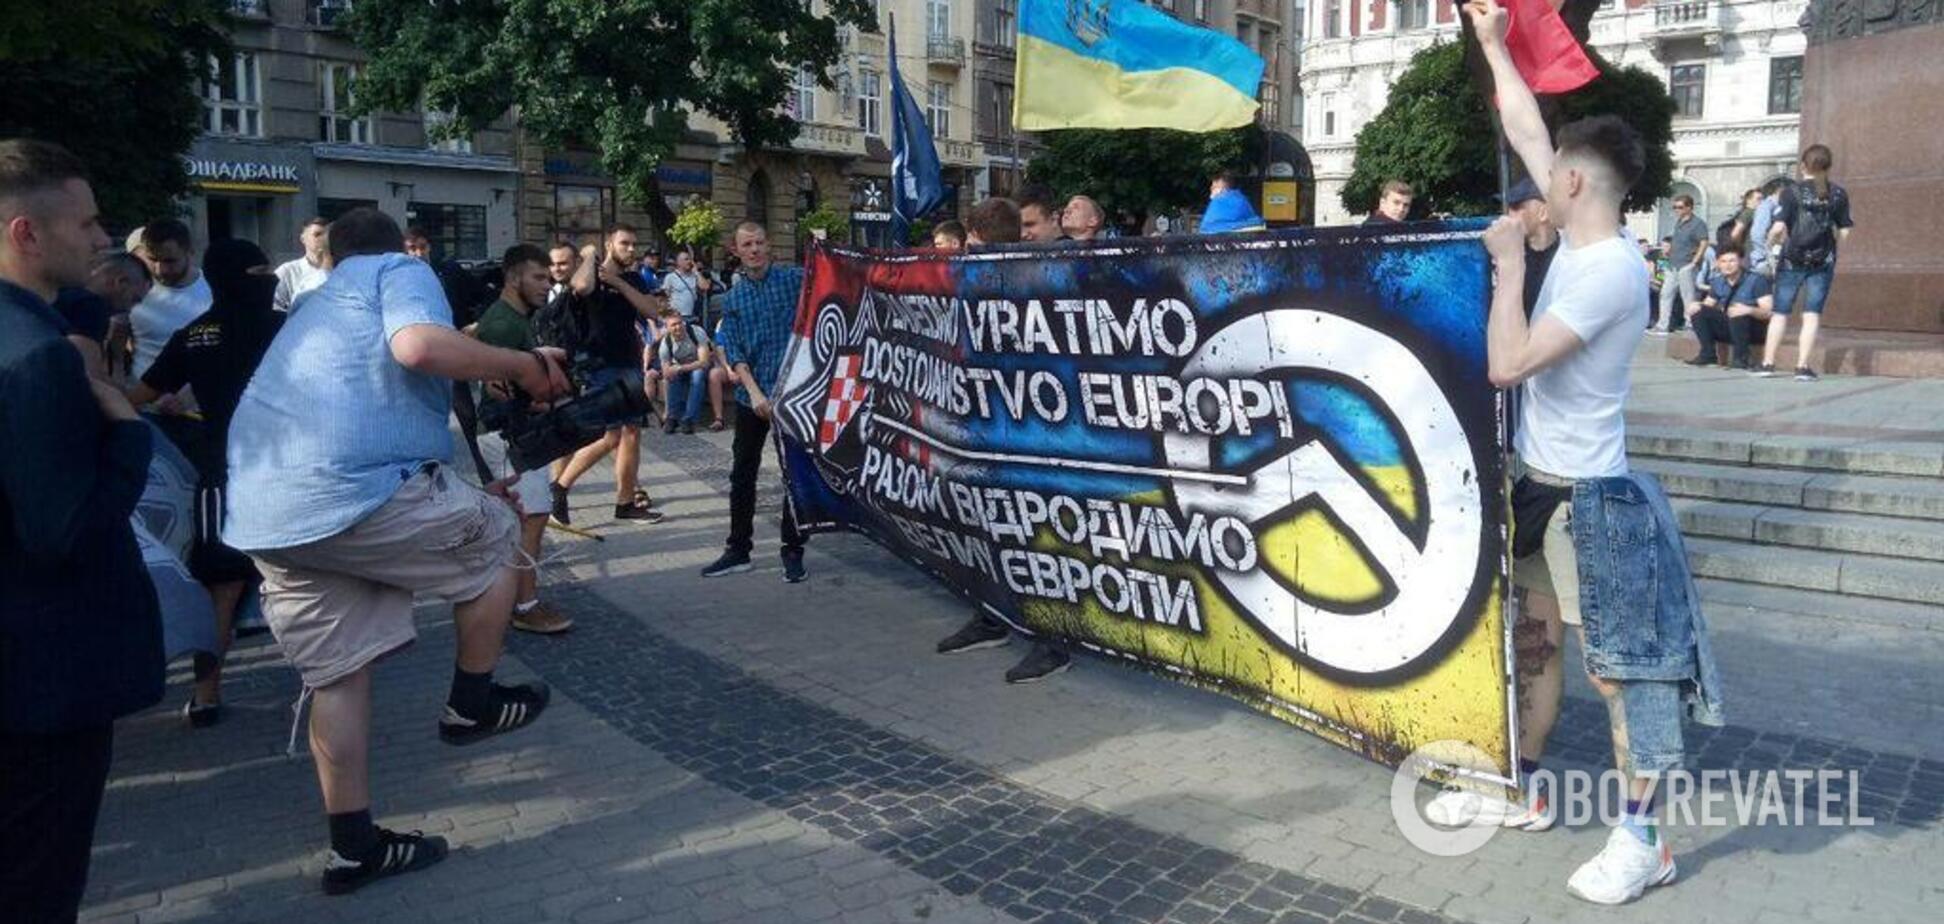 Проти пропаганди Путіна: у Львові пройшов фанатський марш